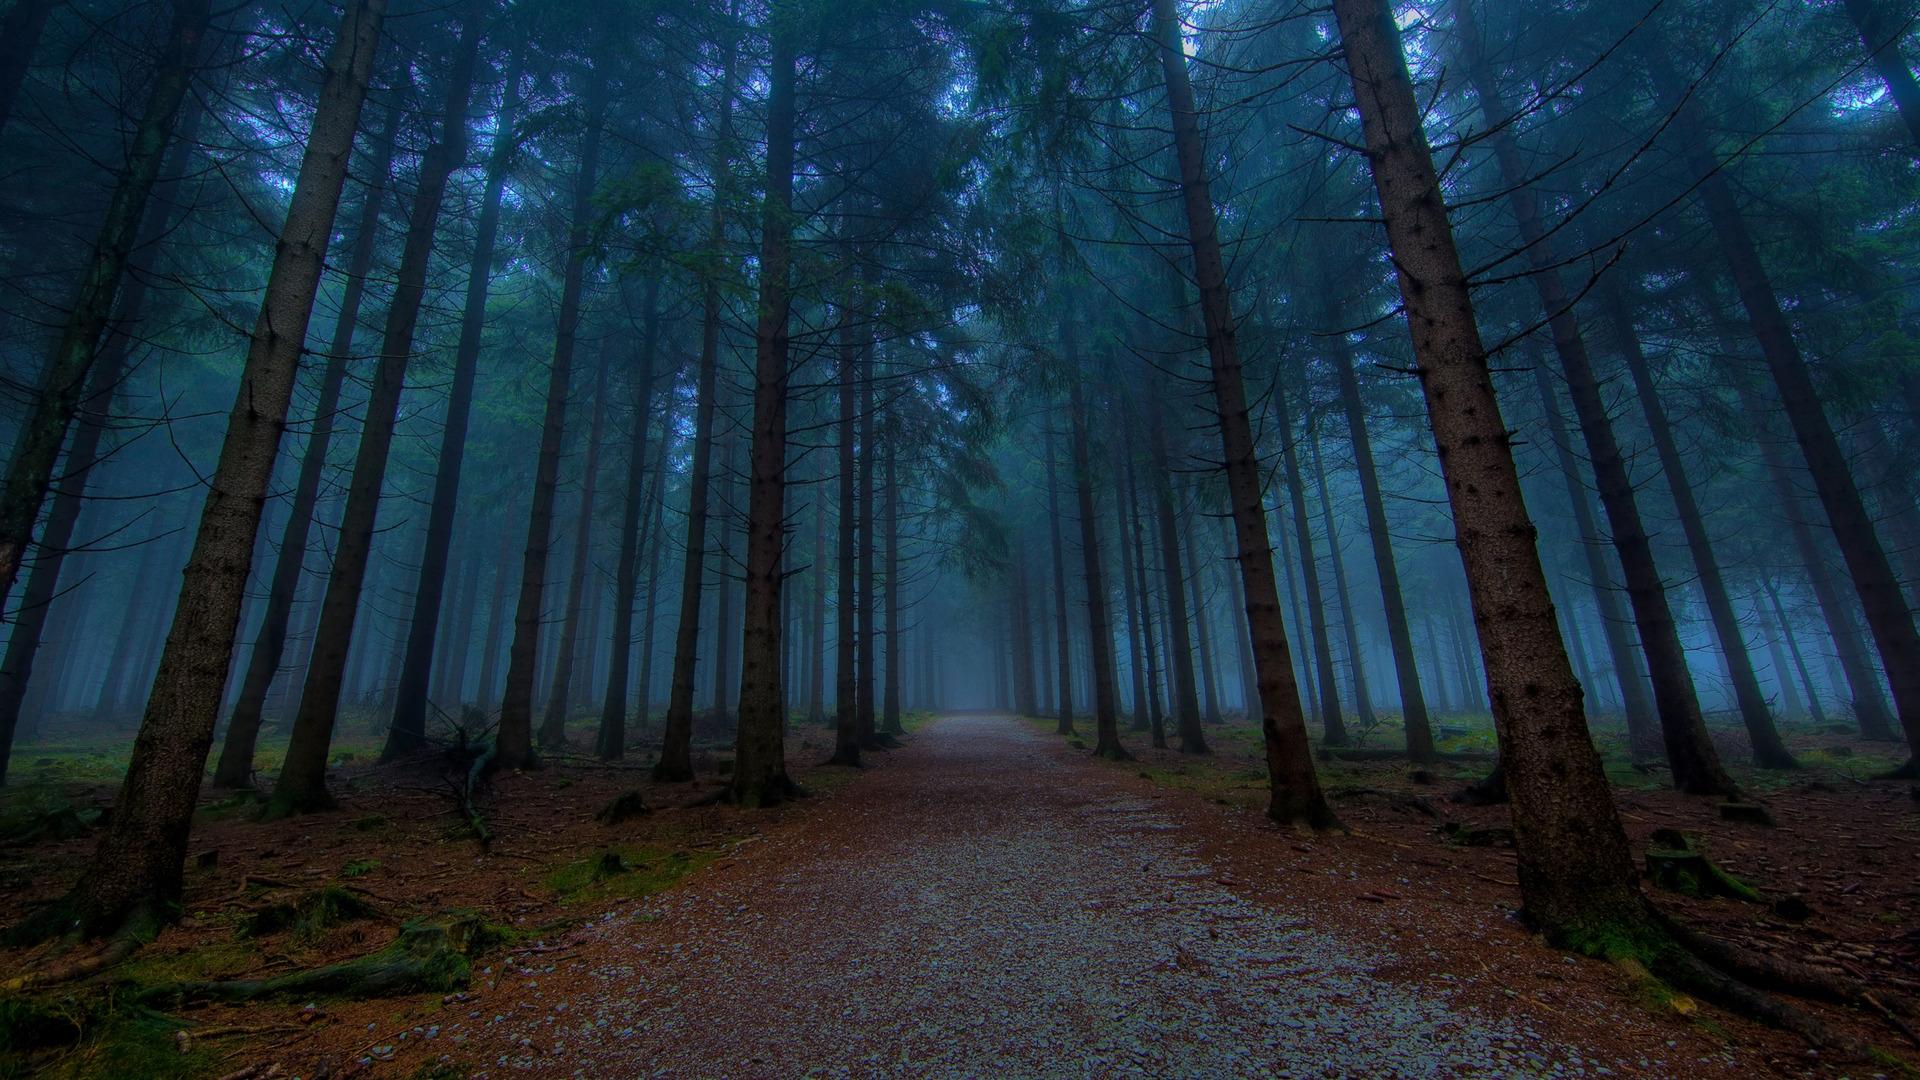 32089 скачать обои Пейзаж, Деревья, Дороги - заставки и картинки бесплатно